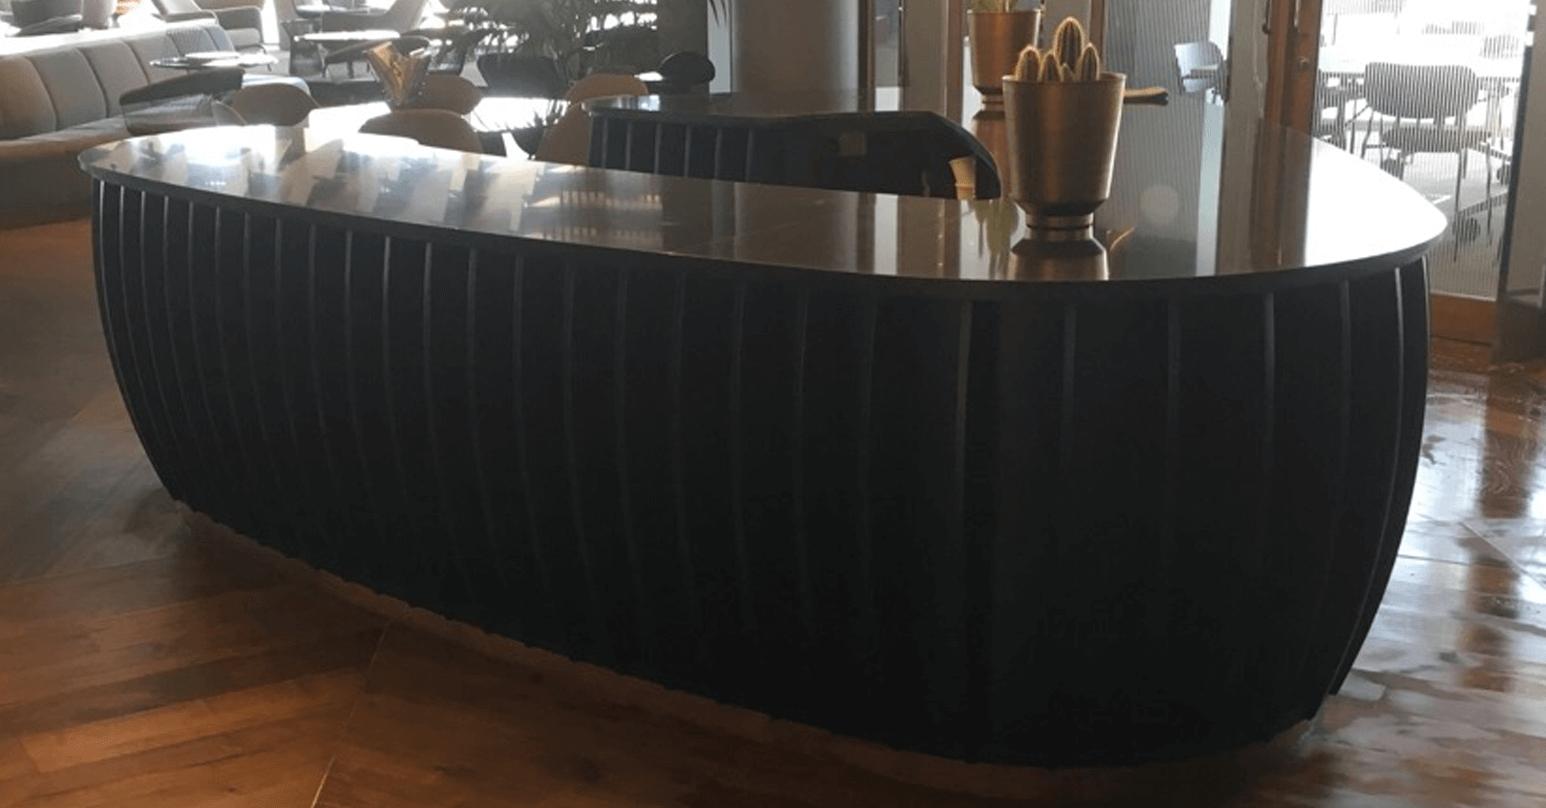 Laminate bar - After repair